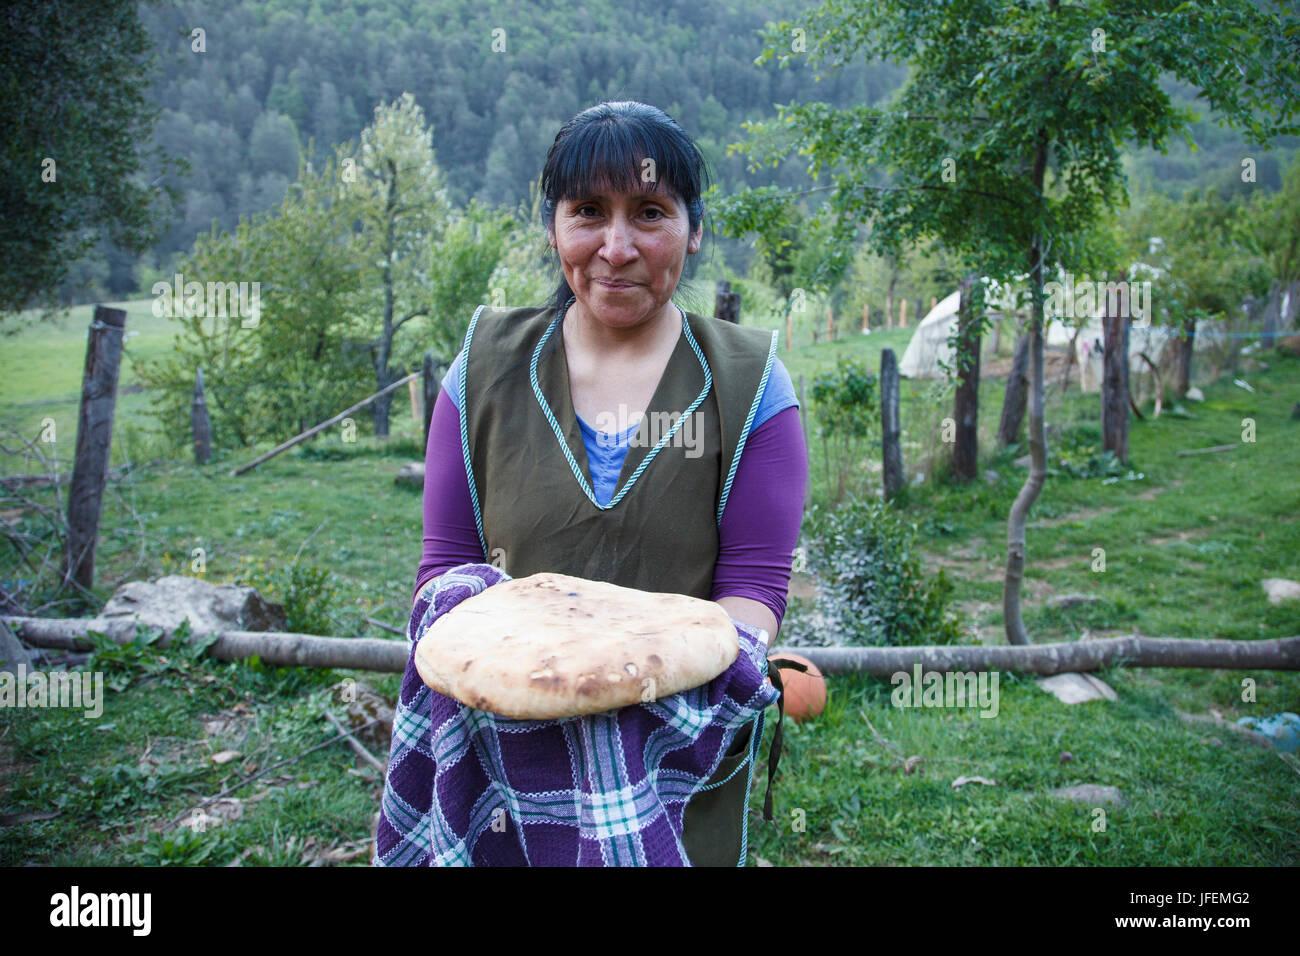 Chile, Araucania, Alto bio bio, Mapuche, woman, home-baked bread present, - Stock Image